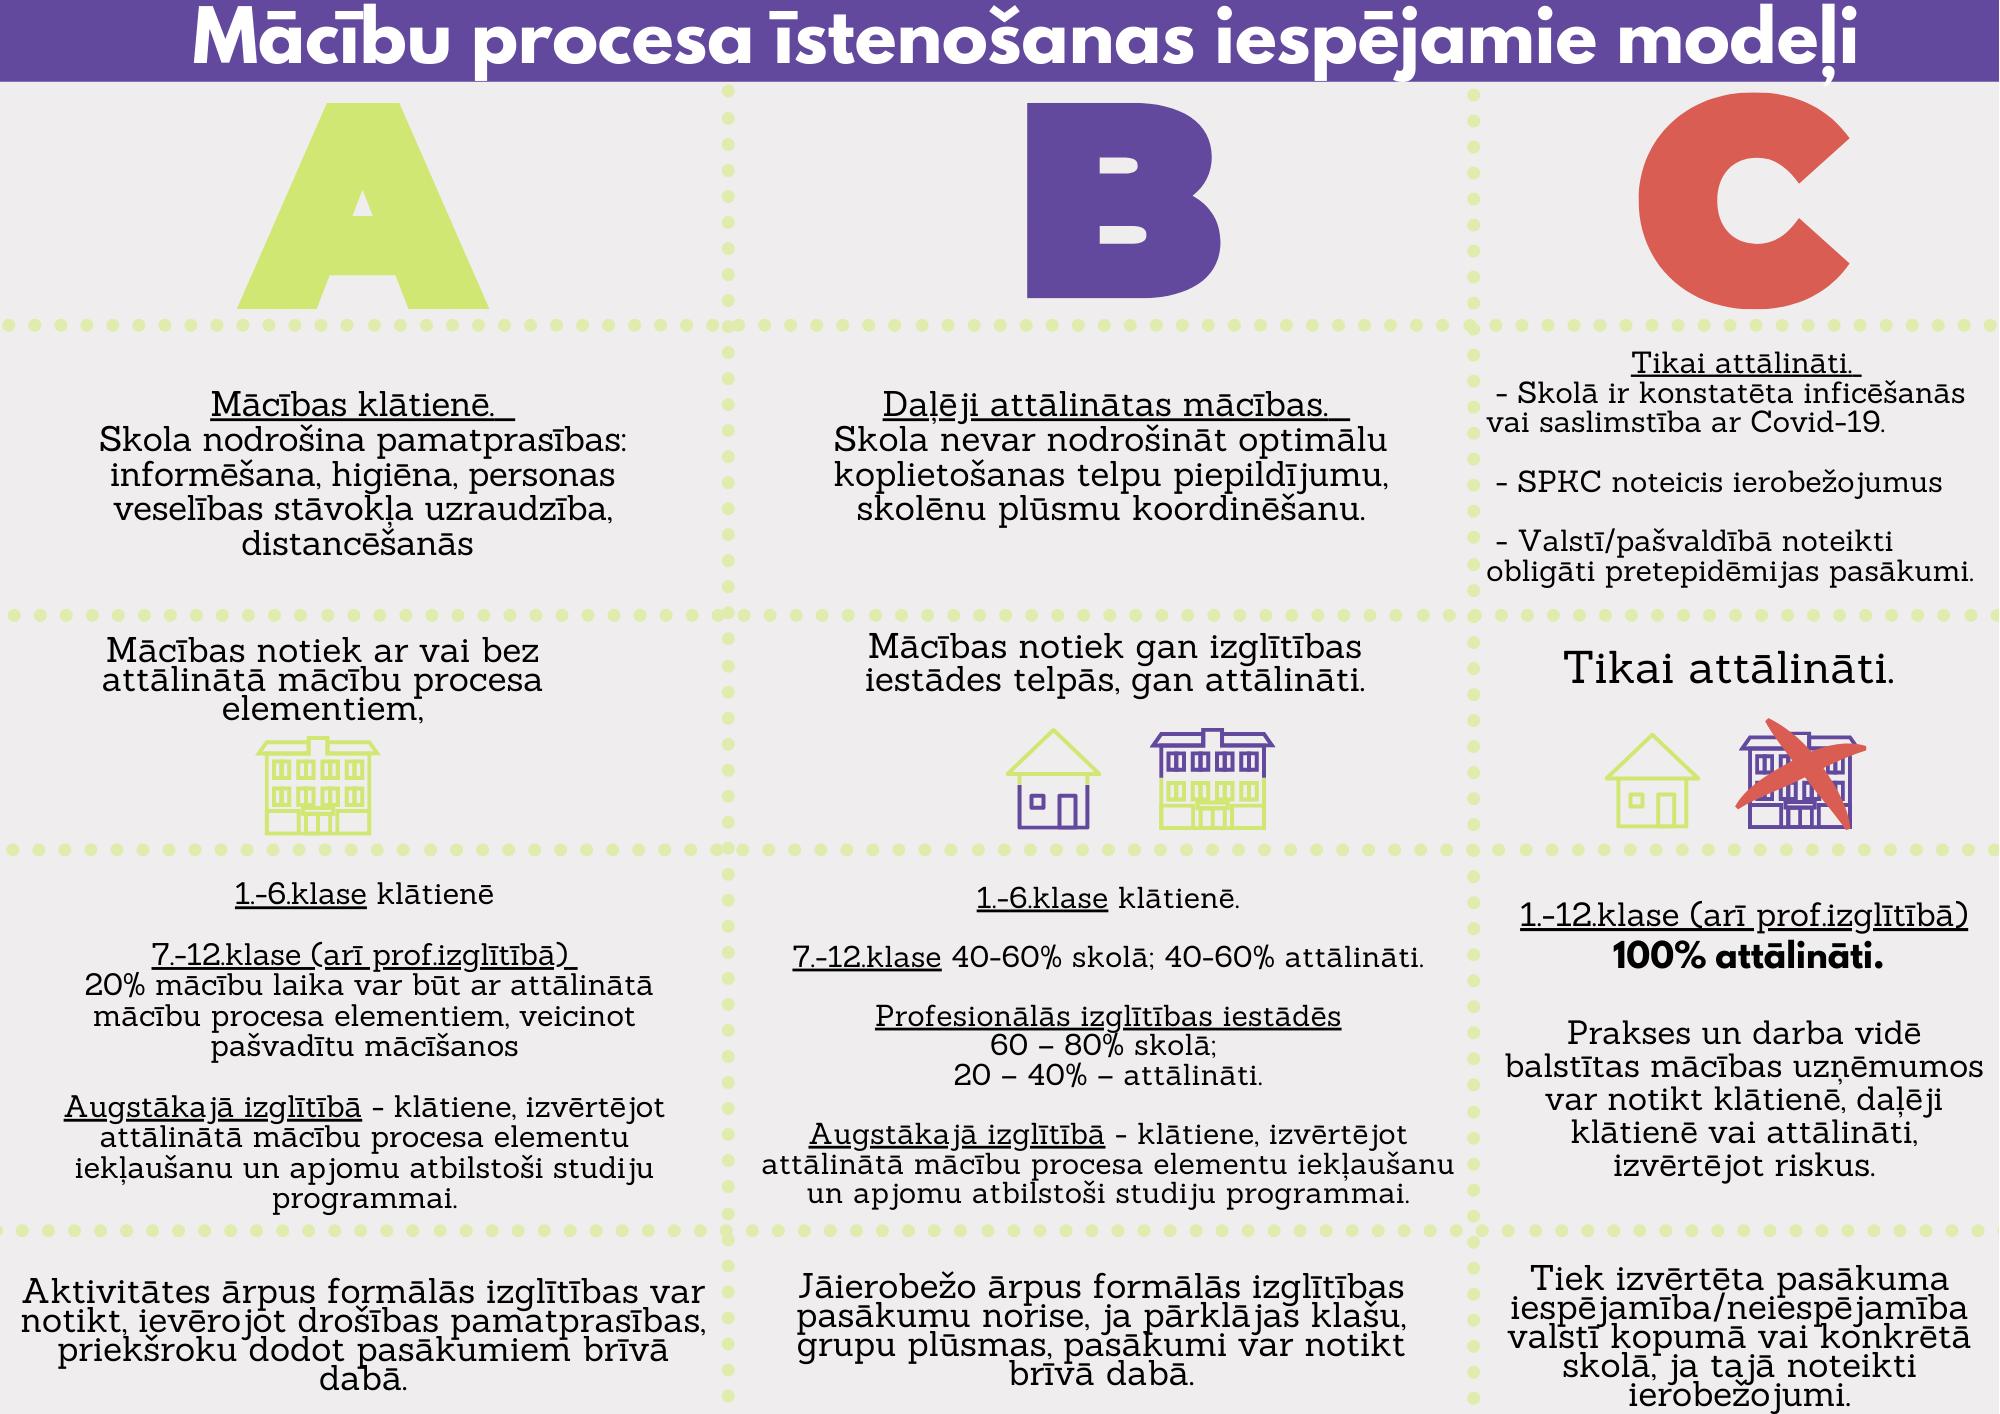 Mācību_procesa_īstenošanas_iespējamie_modeļi_-_ABC_5_5